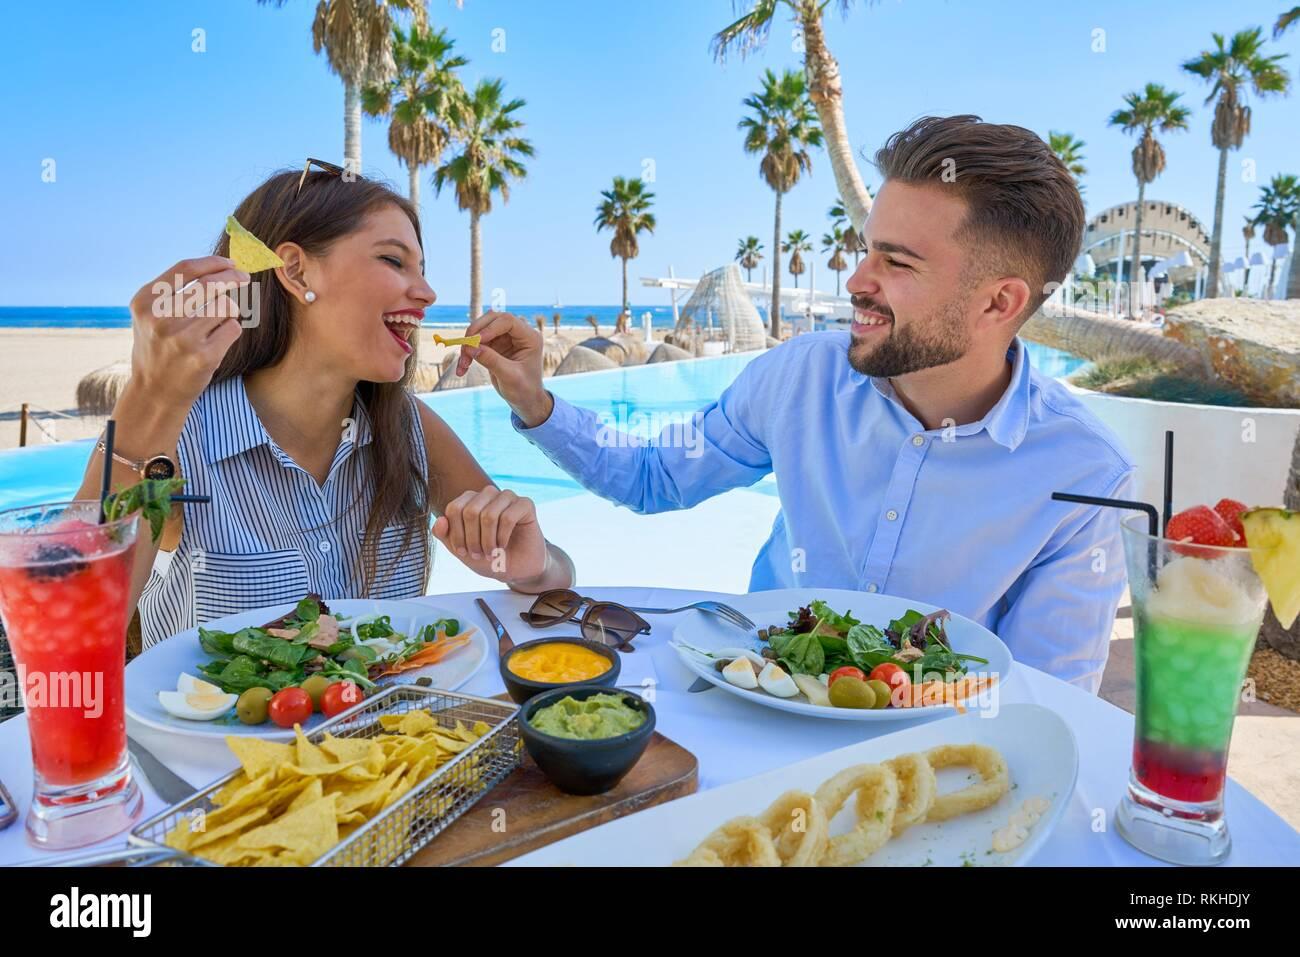 Pareja joven comiendo en un restaurante de la piscina. Imagen De Stock